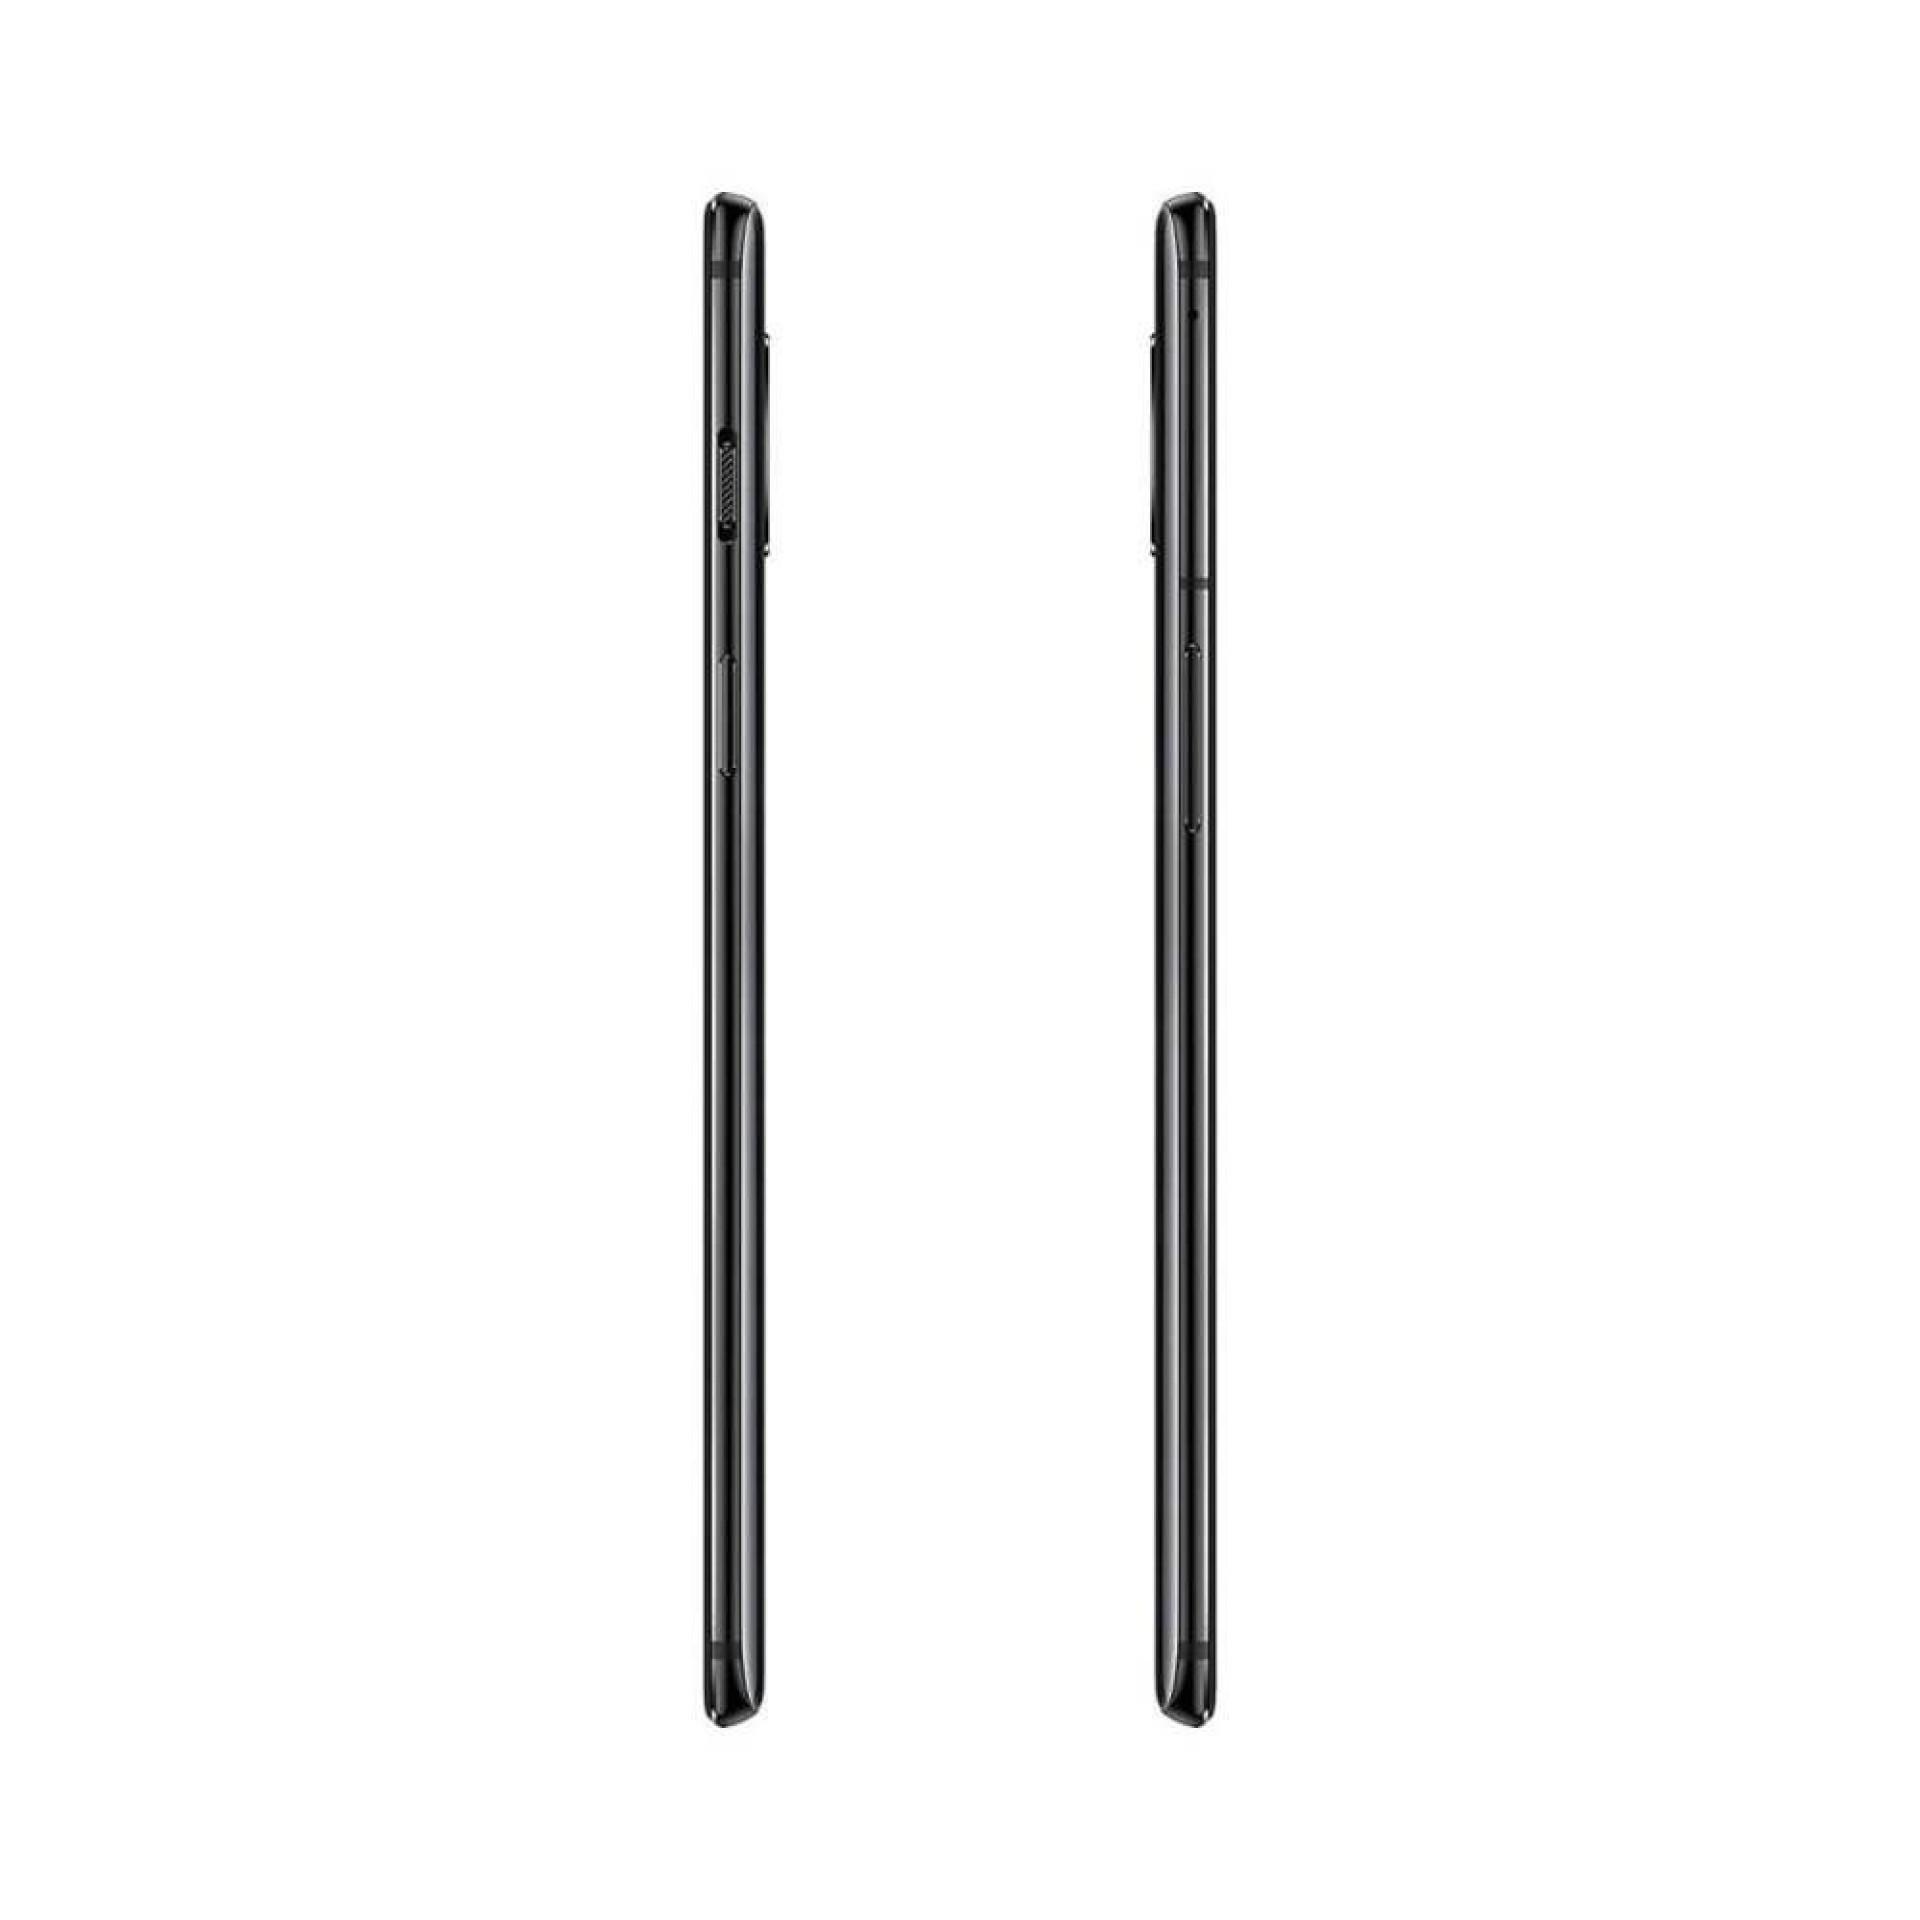 Imagens oficiais do OnePlus 6 reveladas em fuga de informação